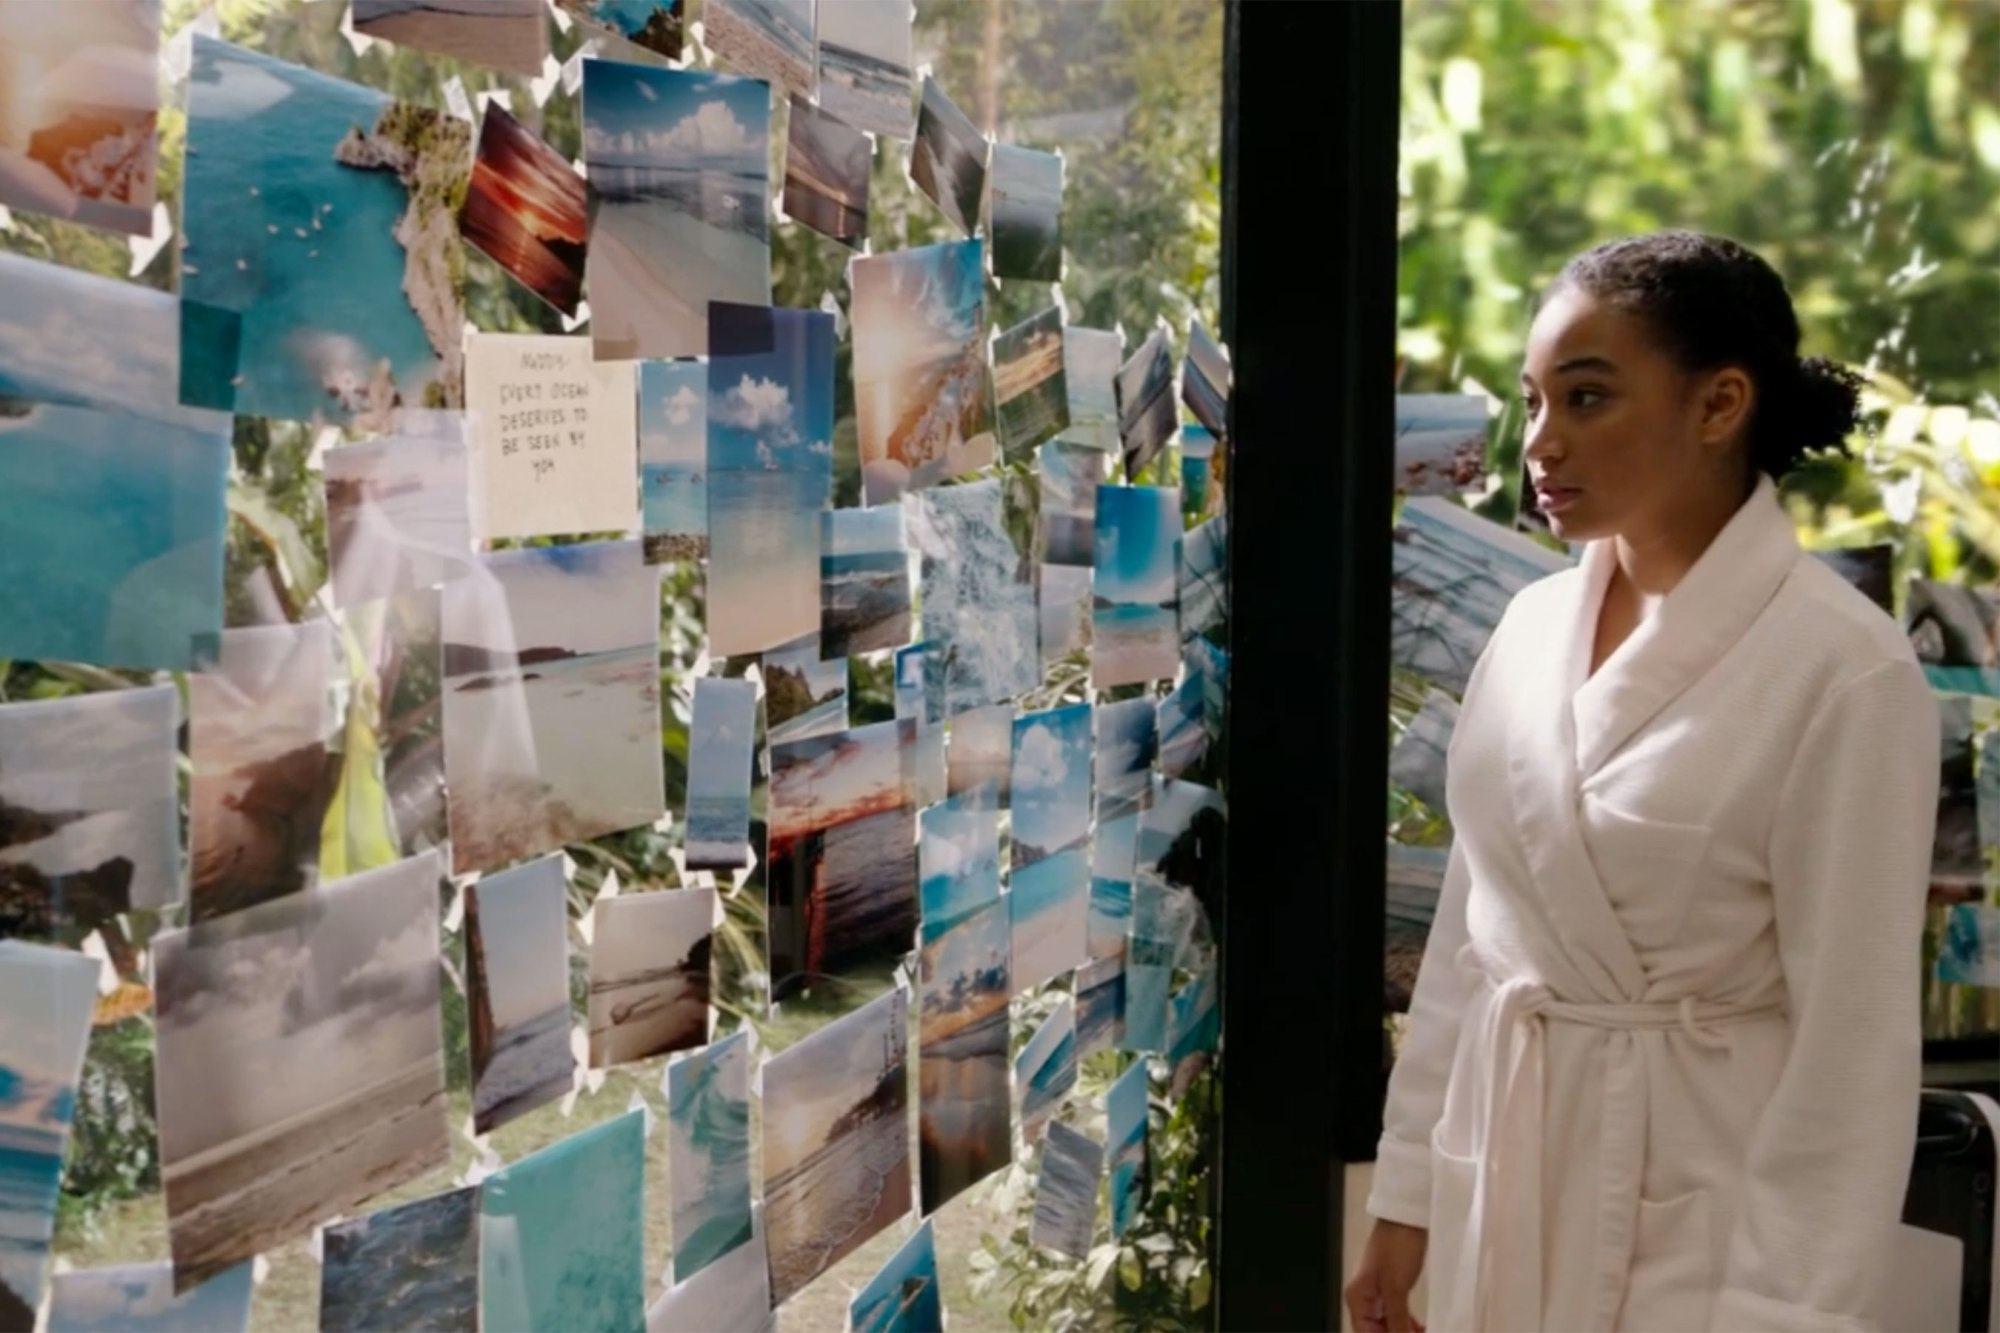 Tudo e Todas As Coisas | Drama com atriz de Jogos Vorazes ganha primeiro trailer